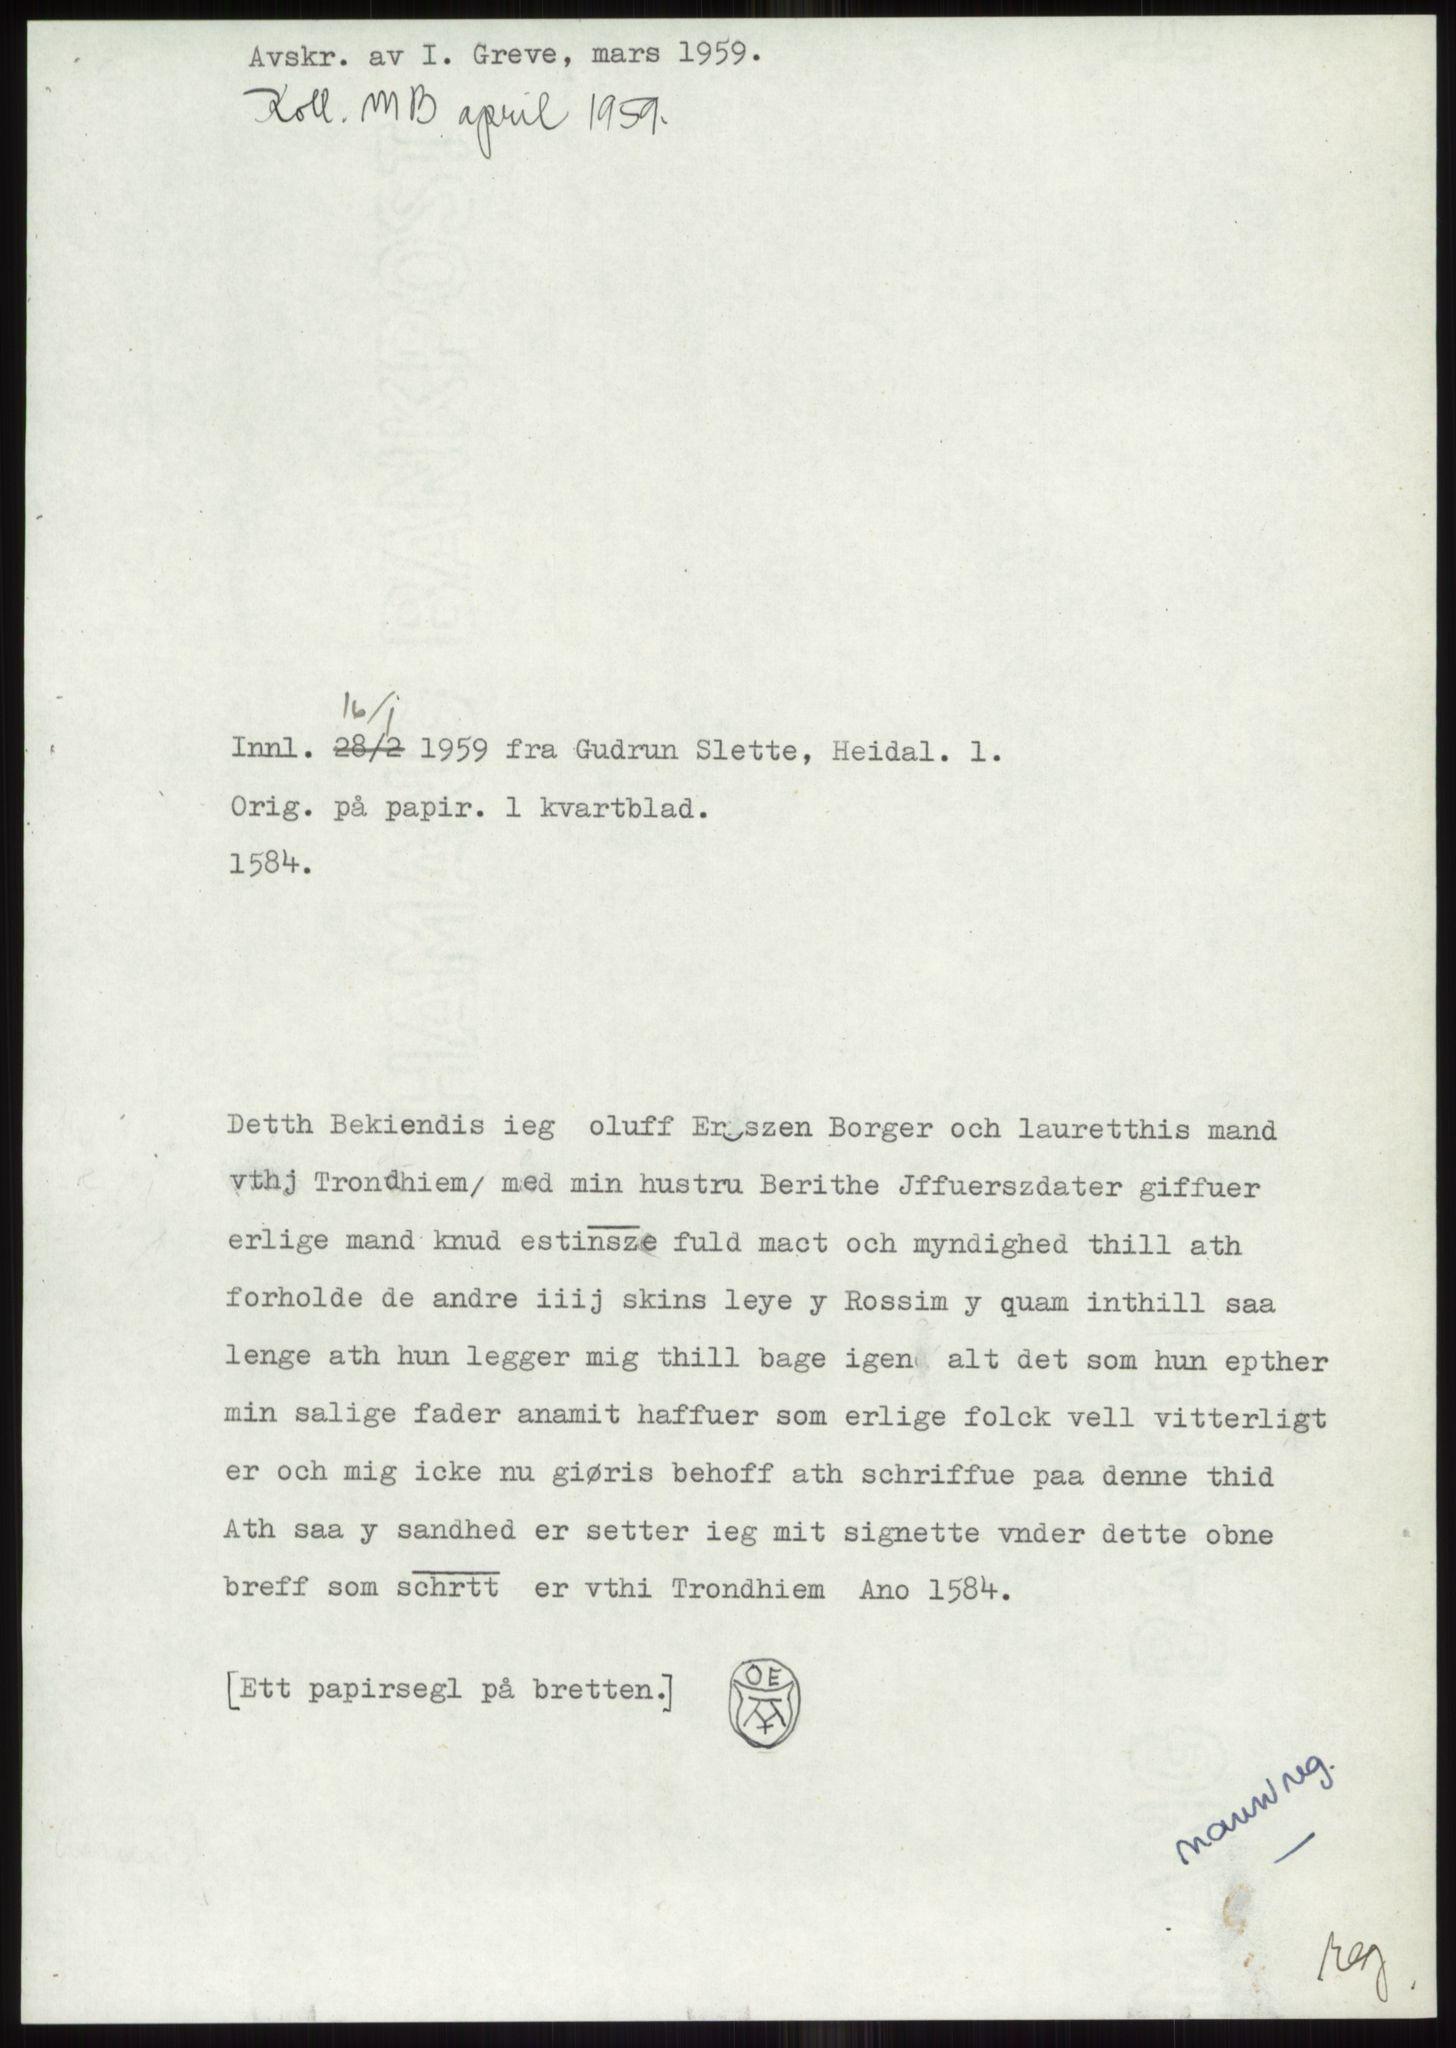 RA, Samlinger til kildeutgivelse, Diplomavskriftsamlingen, s. 2